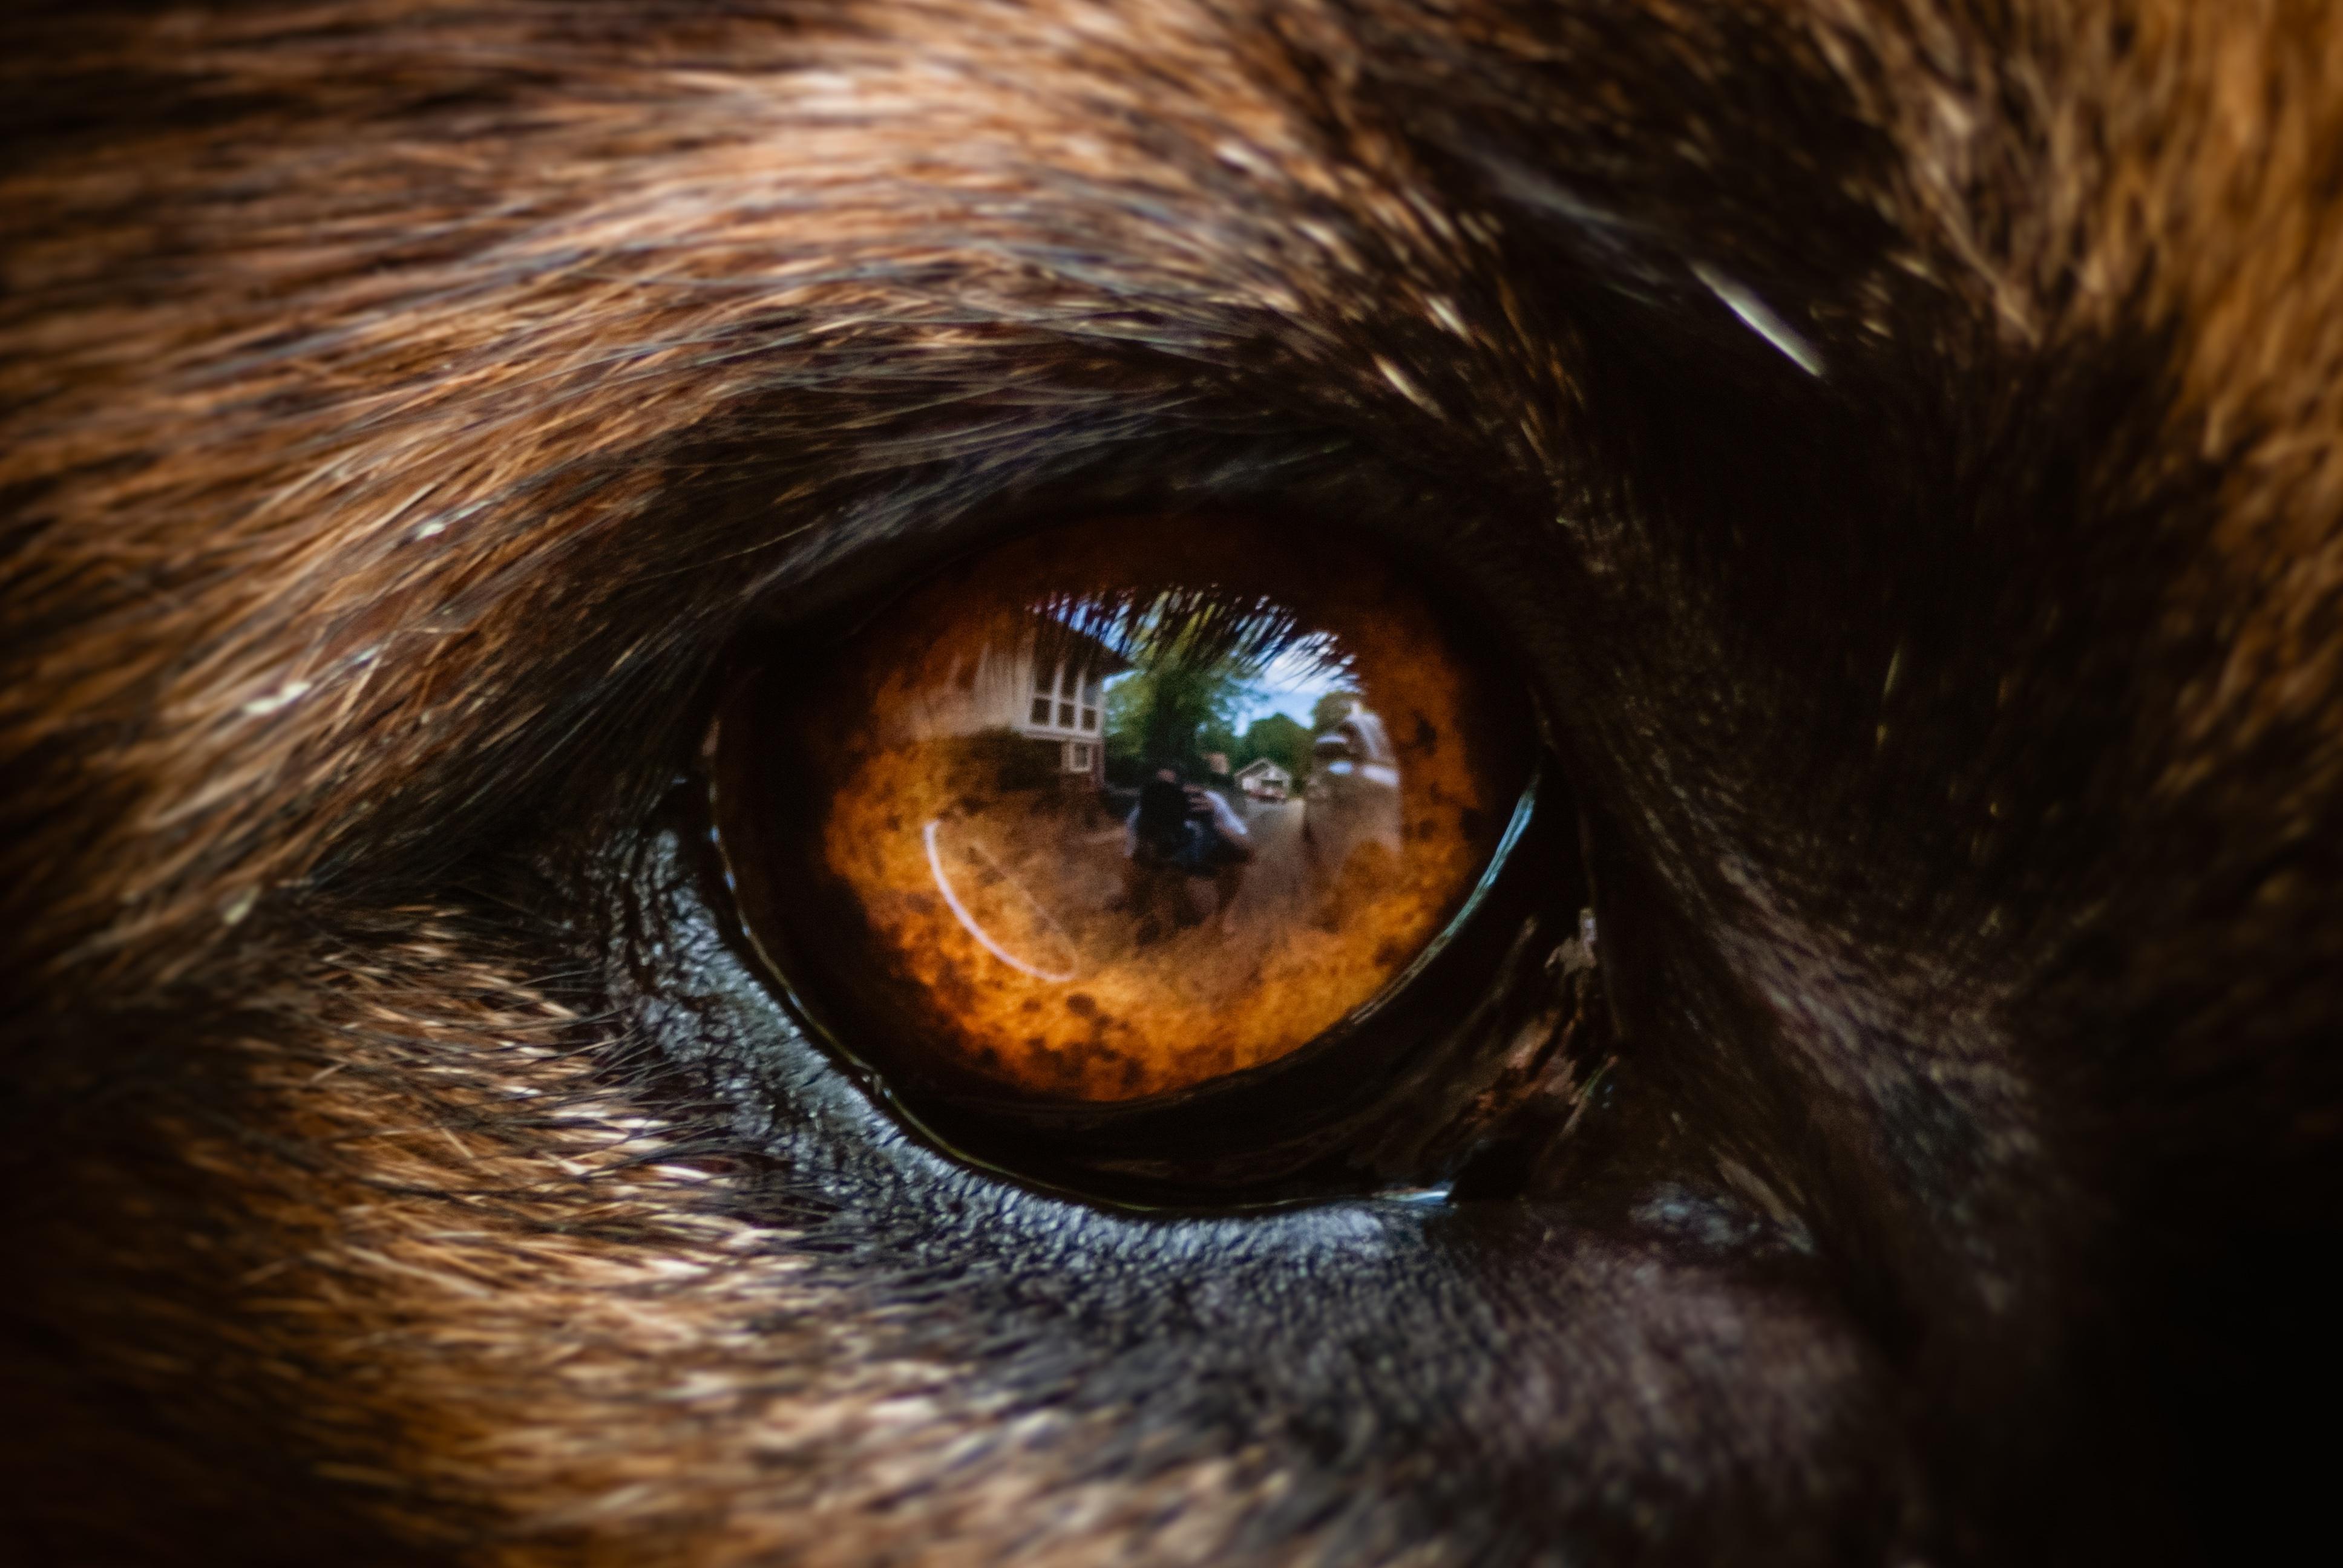 Картинки гипноза для глаз издания